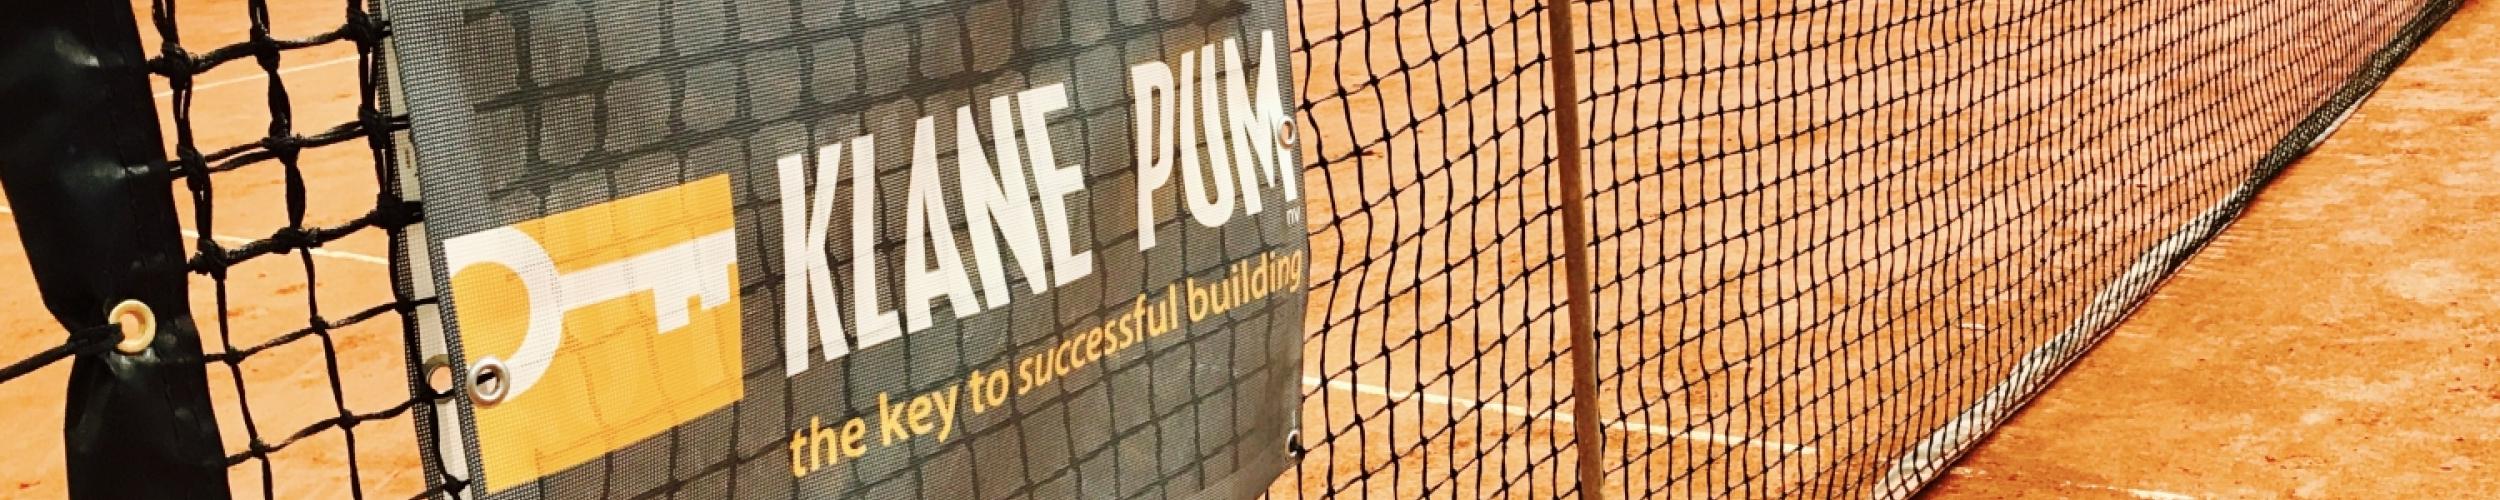 Klane Pum nieuwe sponsor PTA